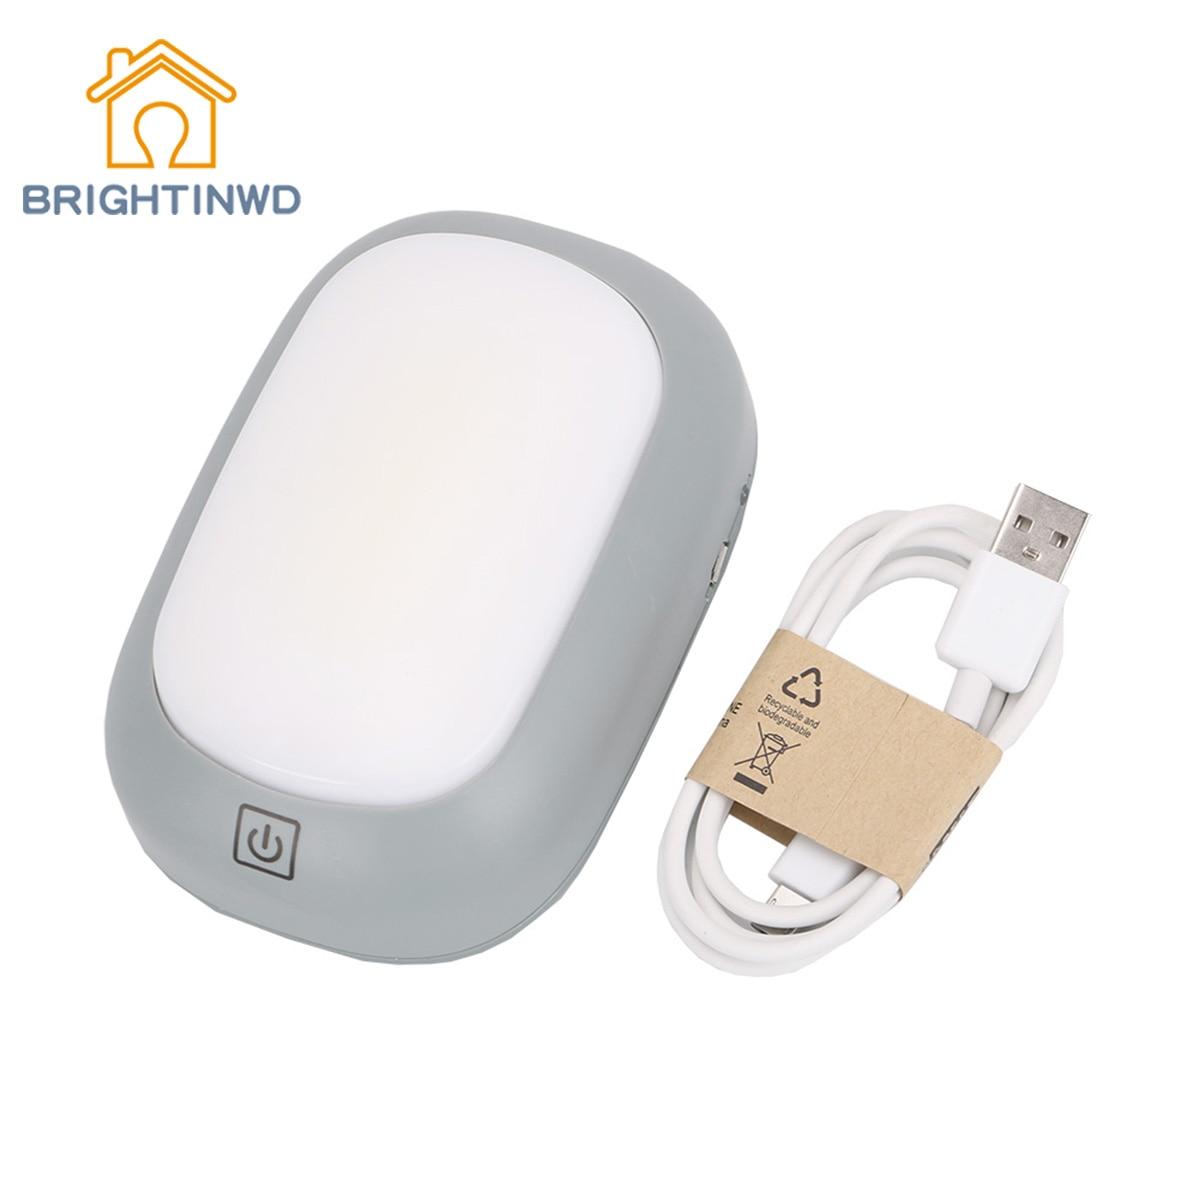 Sensor de toque portátil luzes acampamento cabeceira luz da noite ímã lâmpada mesa ao ar livre caminhadas pendurado tenda lanterna 18650 brightinwd